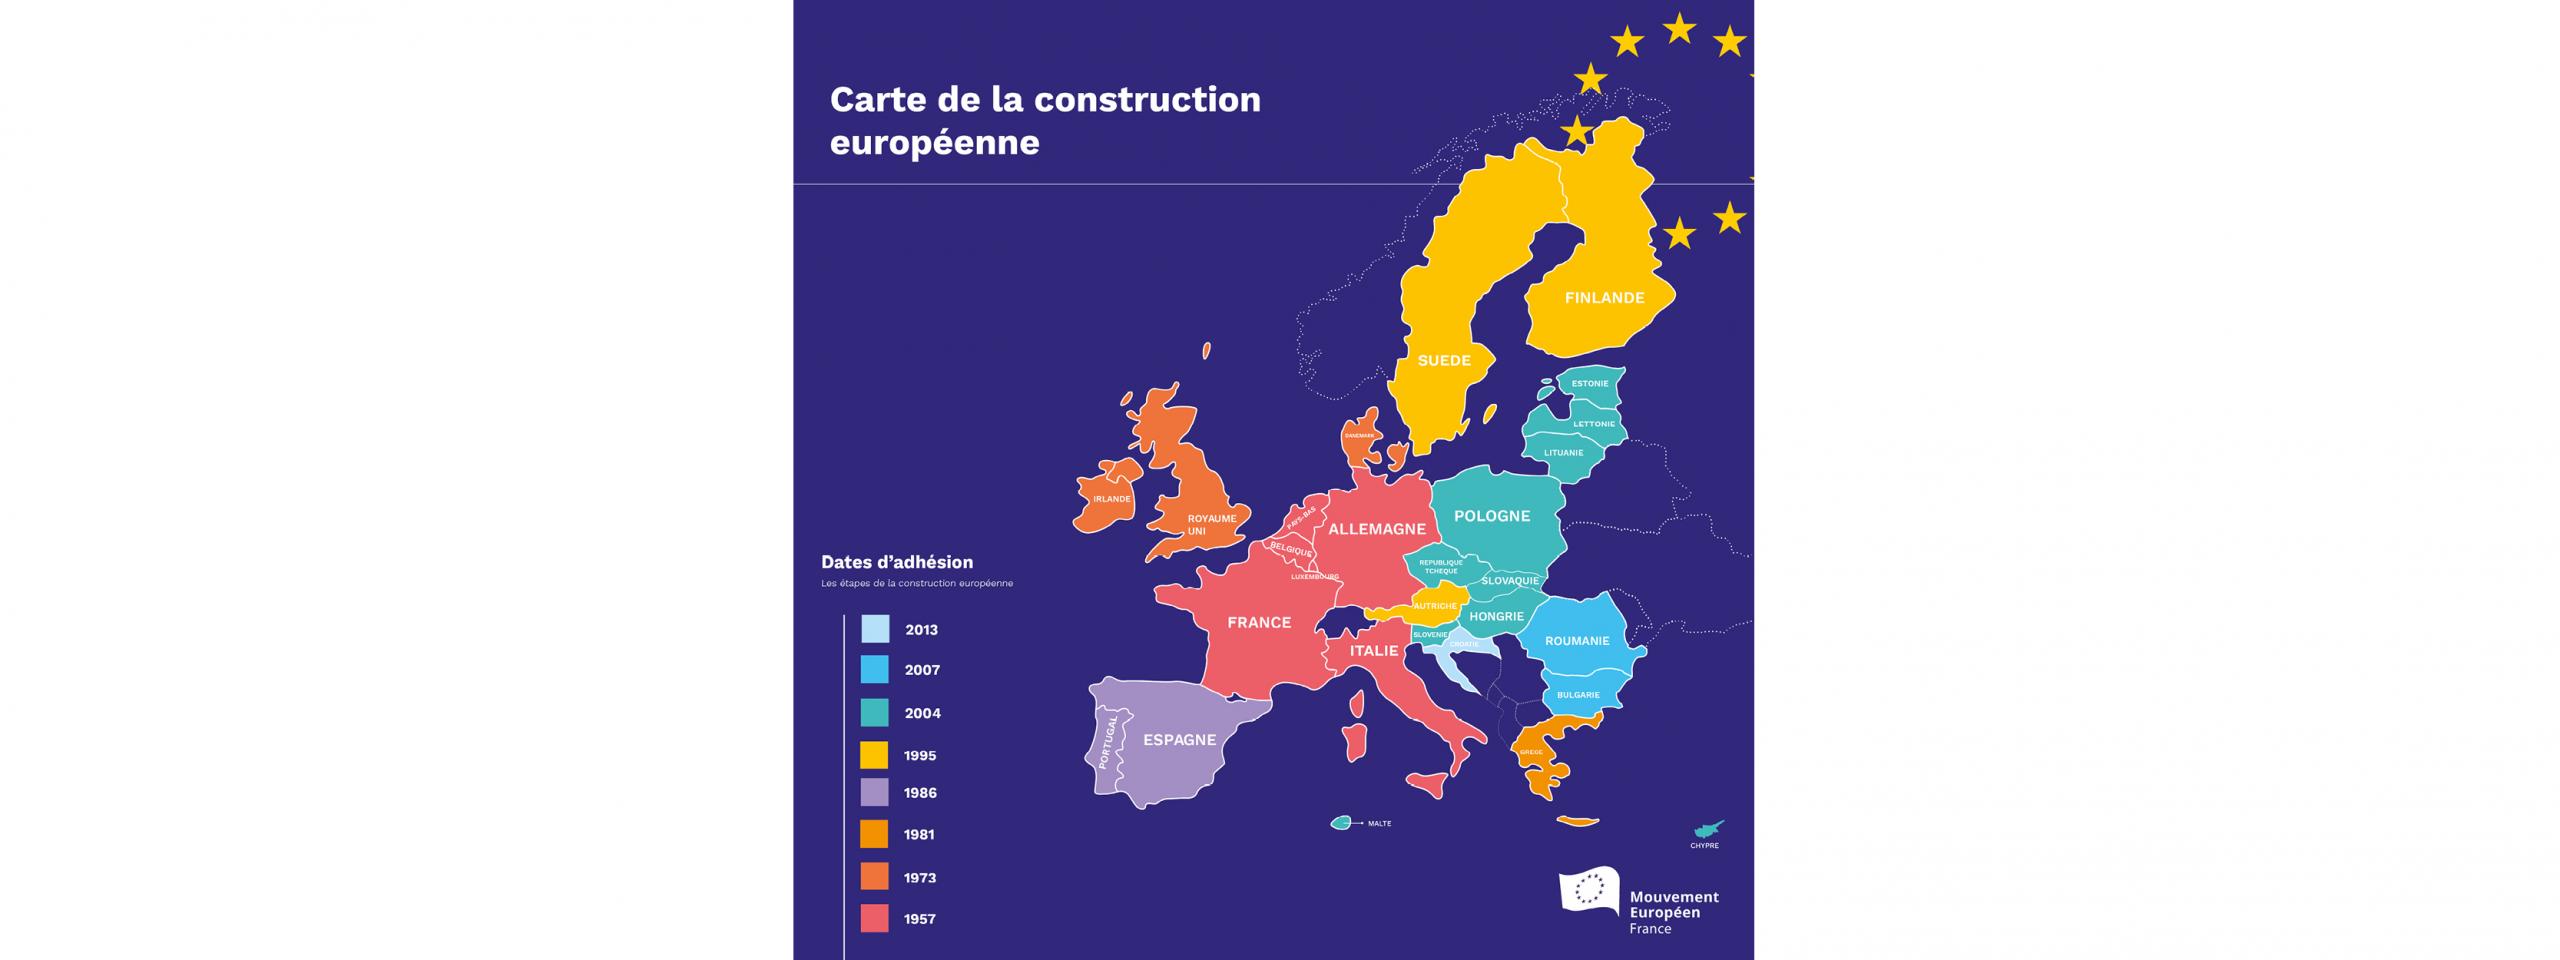 Union Européenne : La Construction Européenne En Carte destiné Carte Pays D Europe